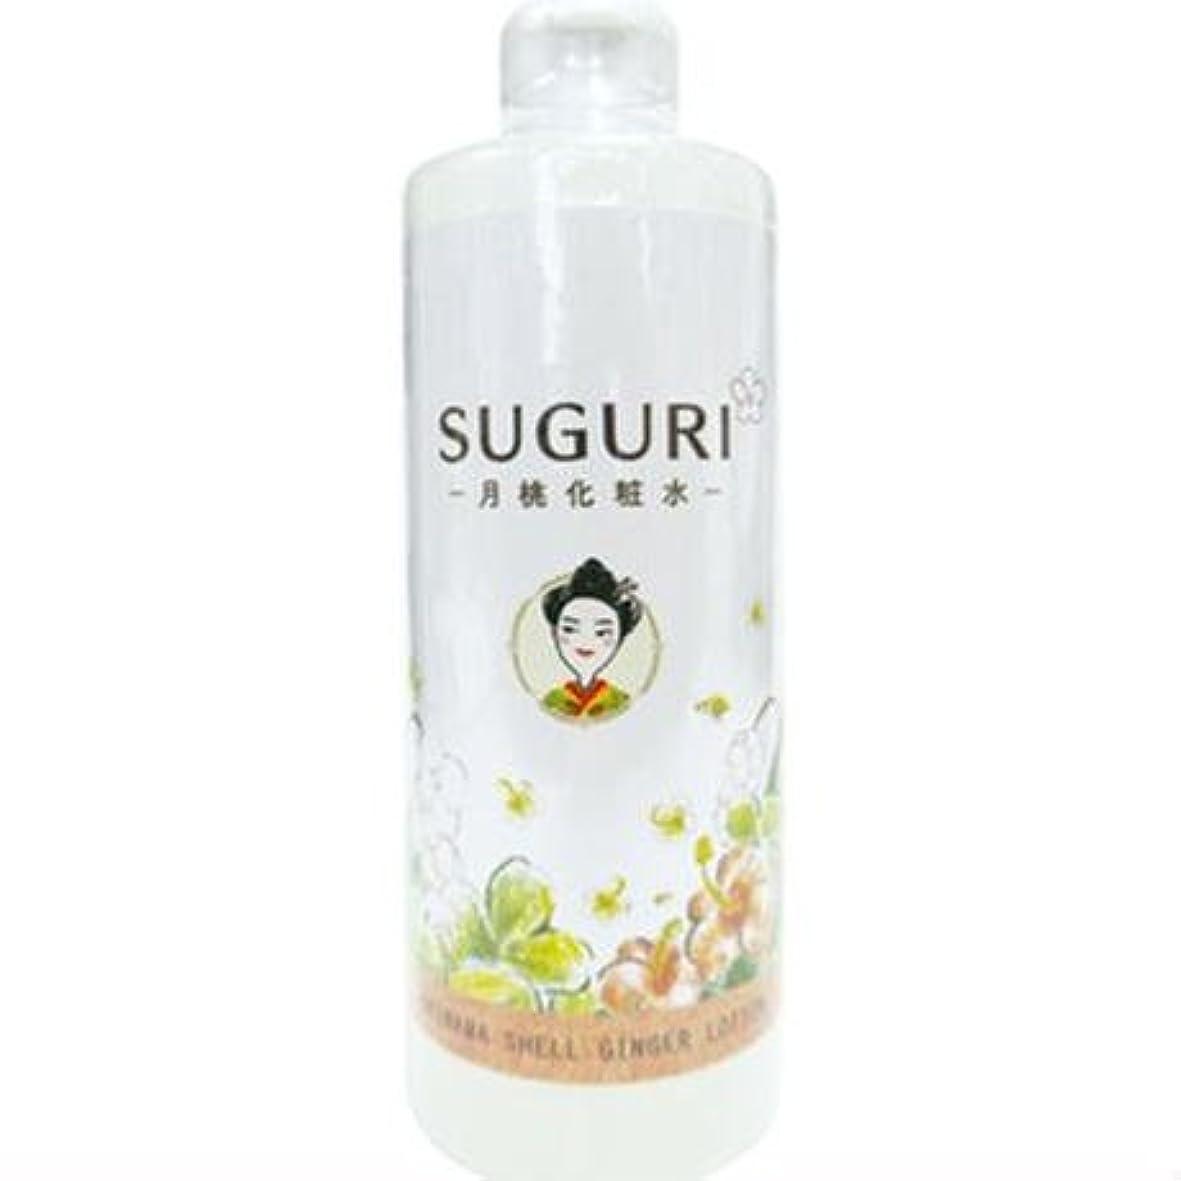 意図的ブラインド警報SUGURI(スグリ) 月桃化粧水 ゲットウ 300ml